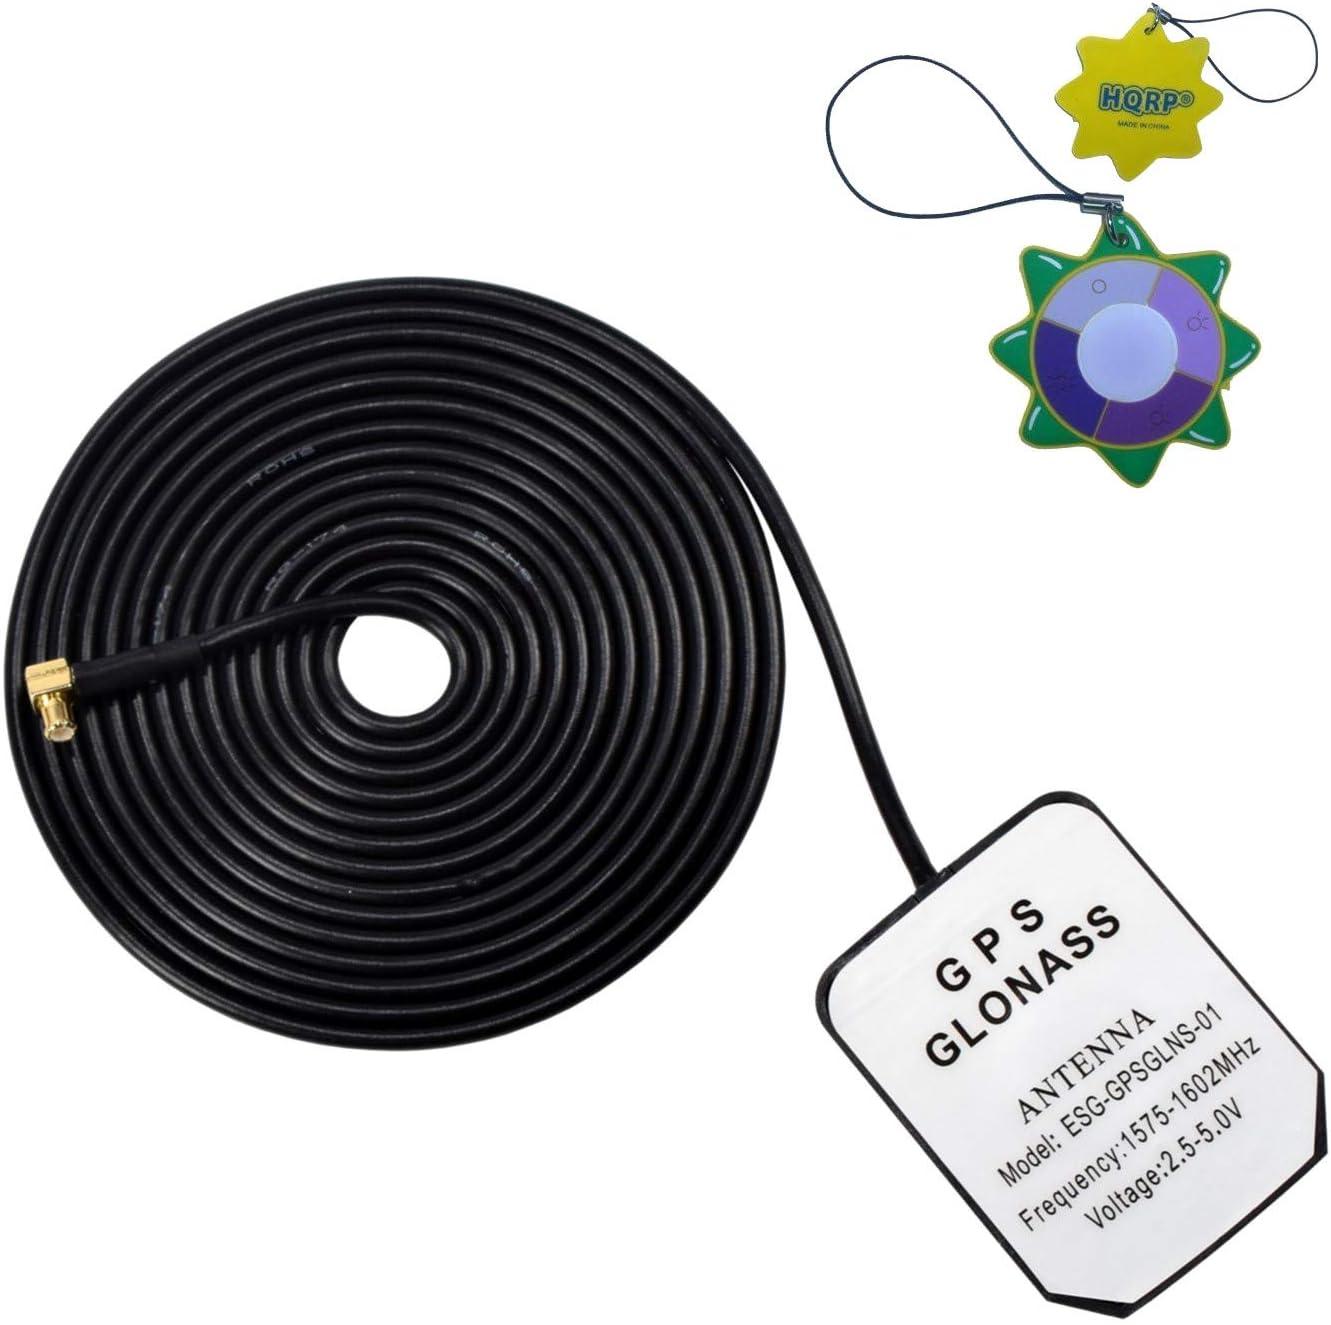 HQRP Antena externa GPS amplificada 1575.42 MHz de montaje magnético para AT&T Cisco 3G MicroCell Extensor de red de antena inalámbrica GPS (DPH151) + HQRP medidor del sol